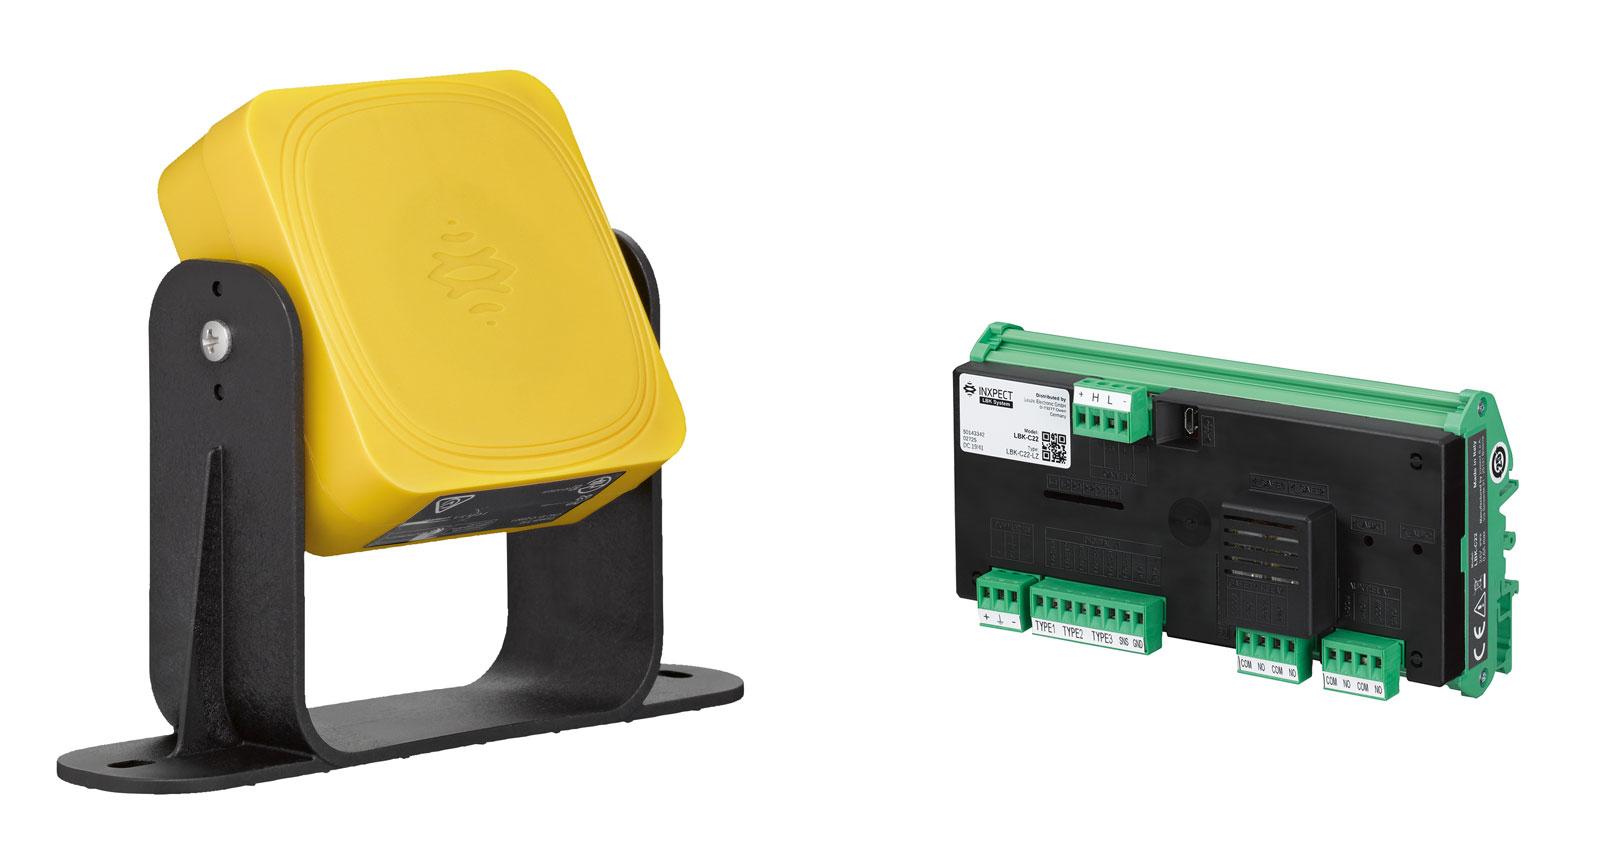 Radarowy system bezpieczeństwa LBK umożliwia niezawodne trójwymiarowe monitorowanie stref ochronnych w wymagających środowiskach produkcyjnych